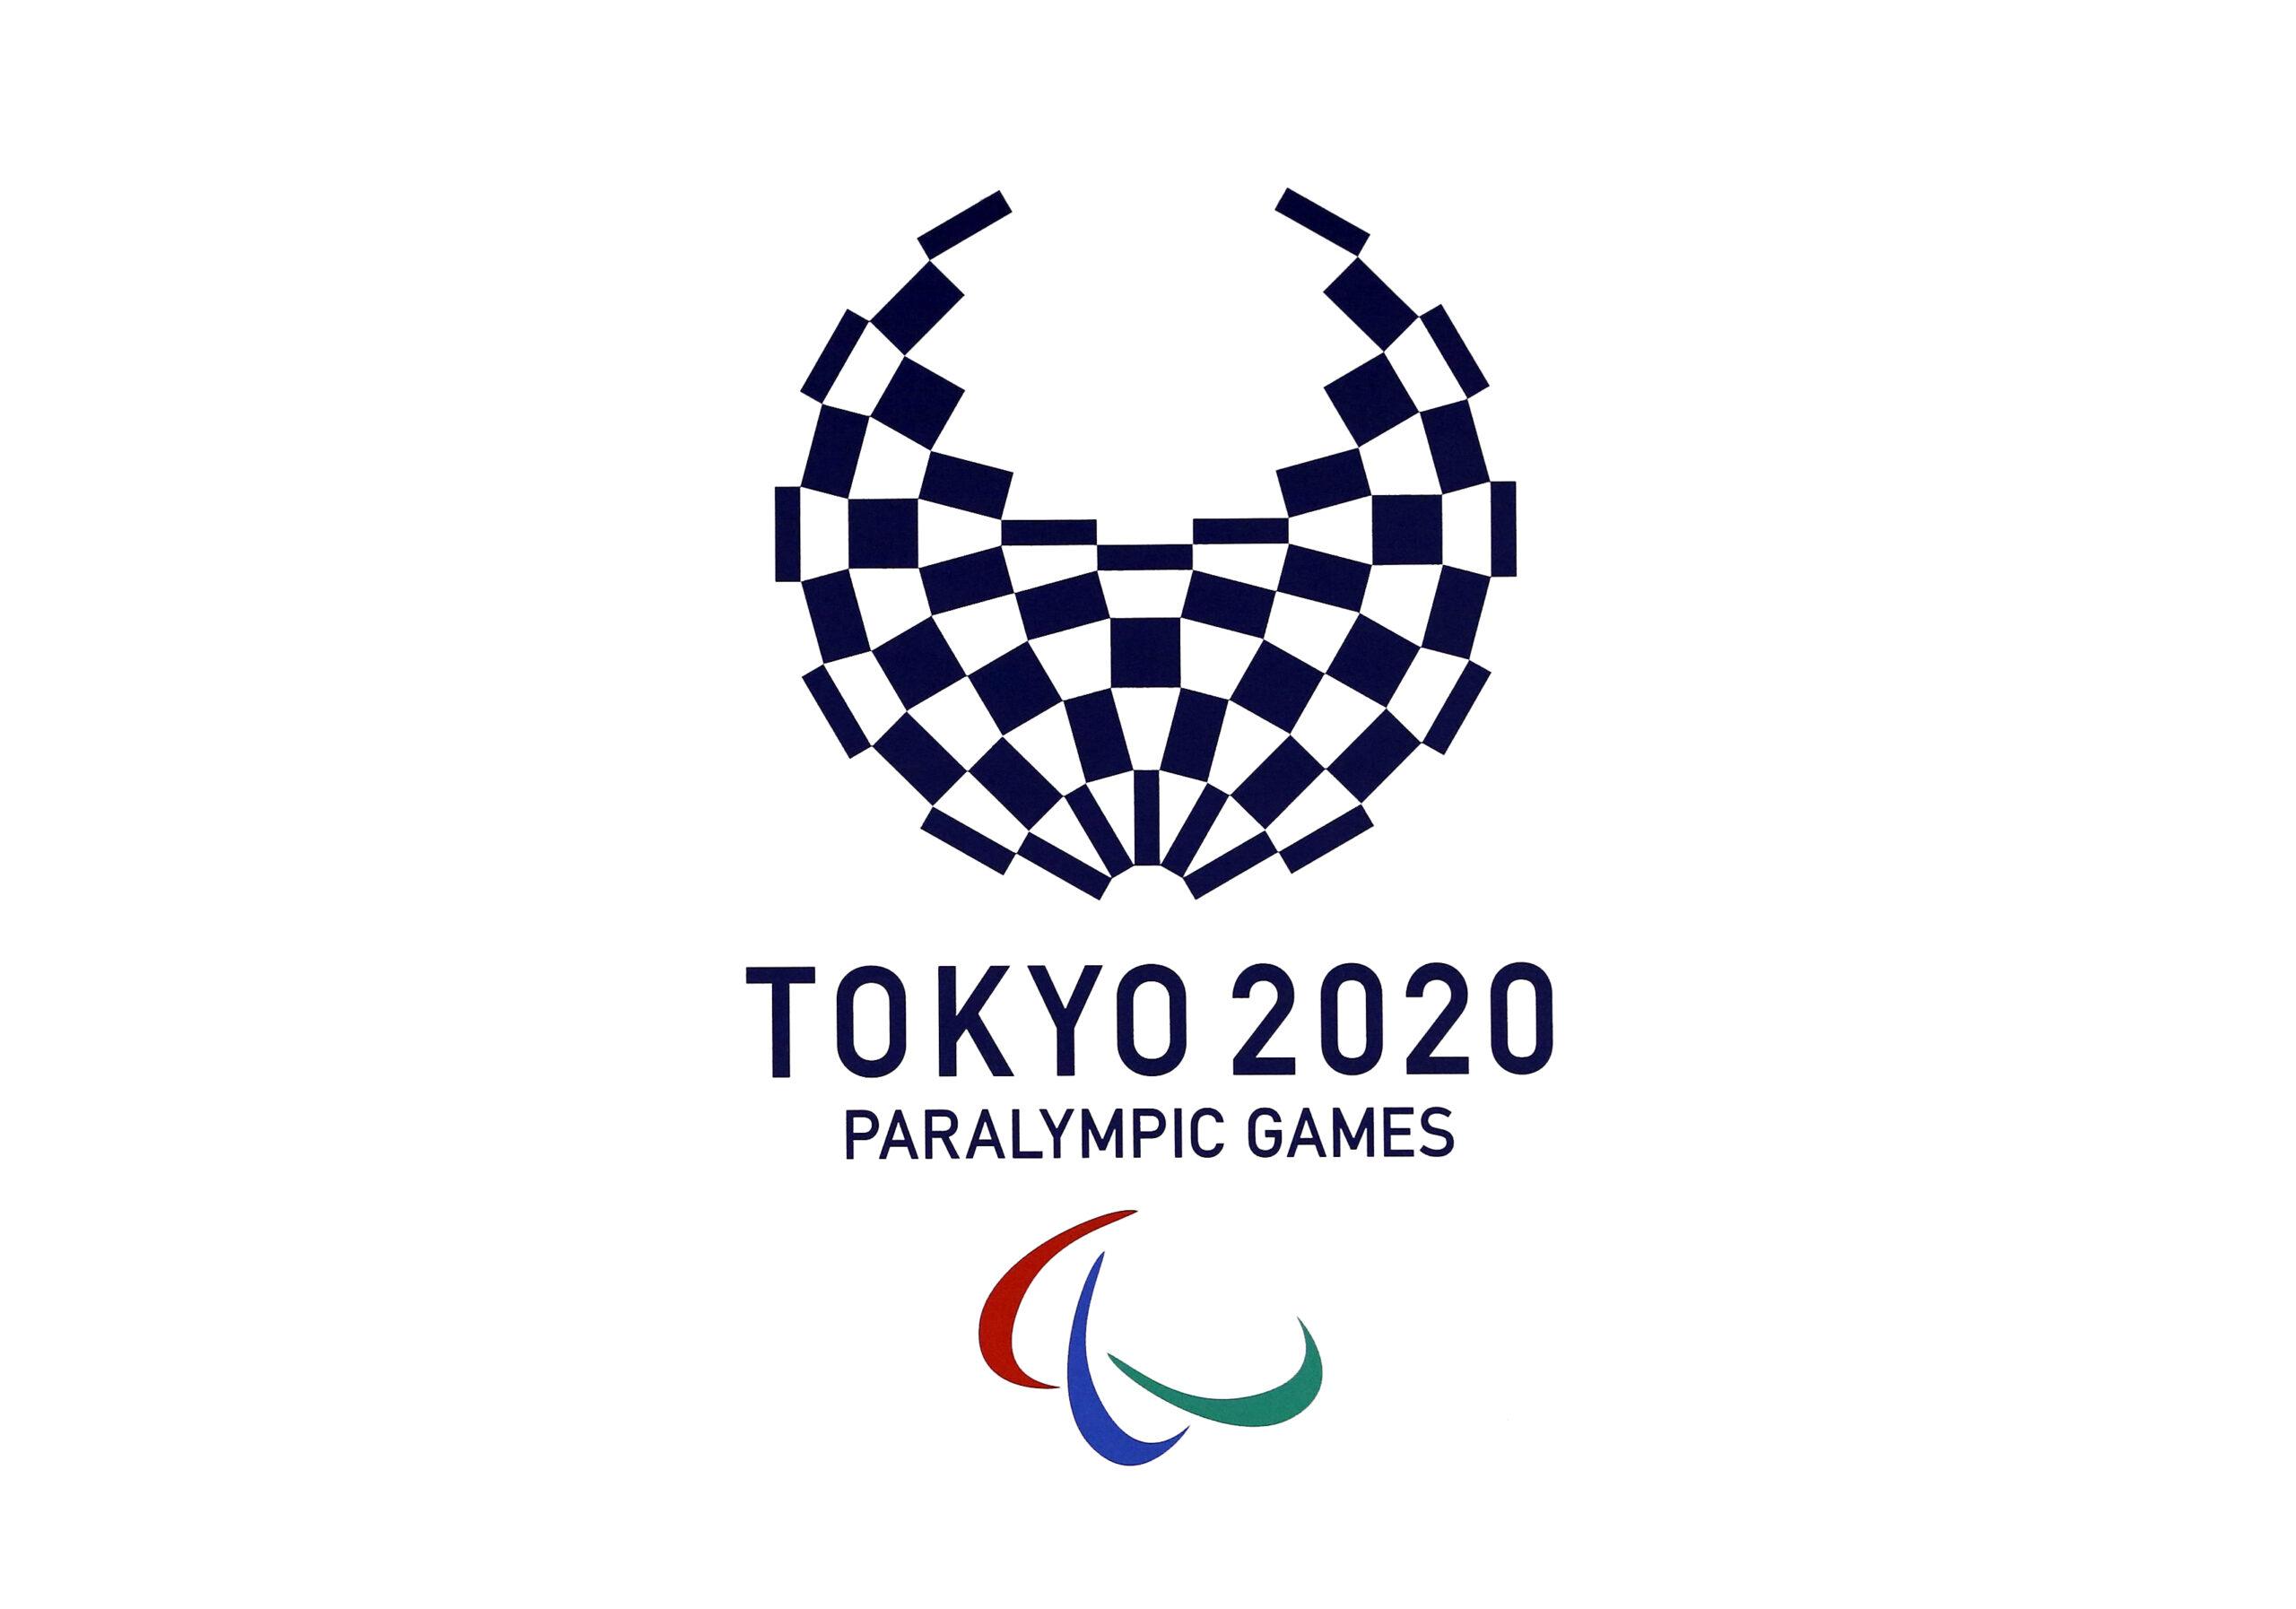 Рашид Исмаилов: Паралимпийские игры должны проходить раньше олимпийских